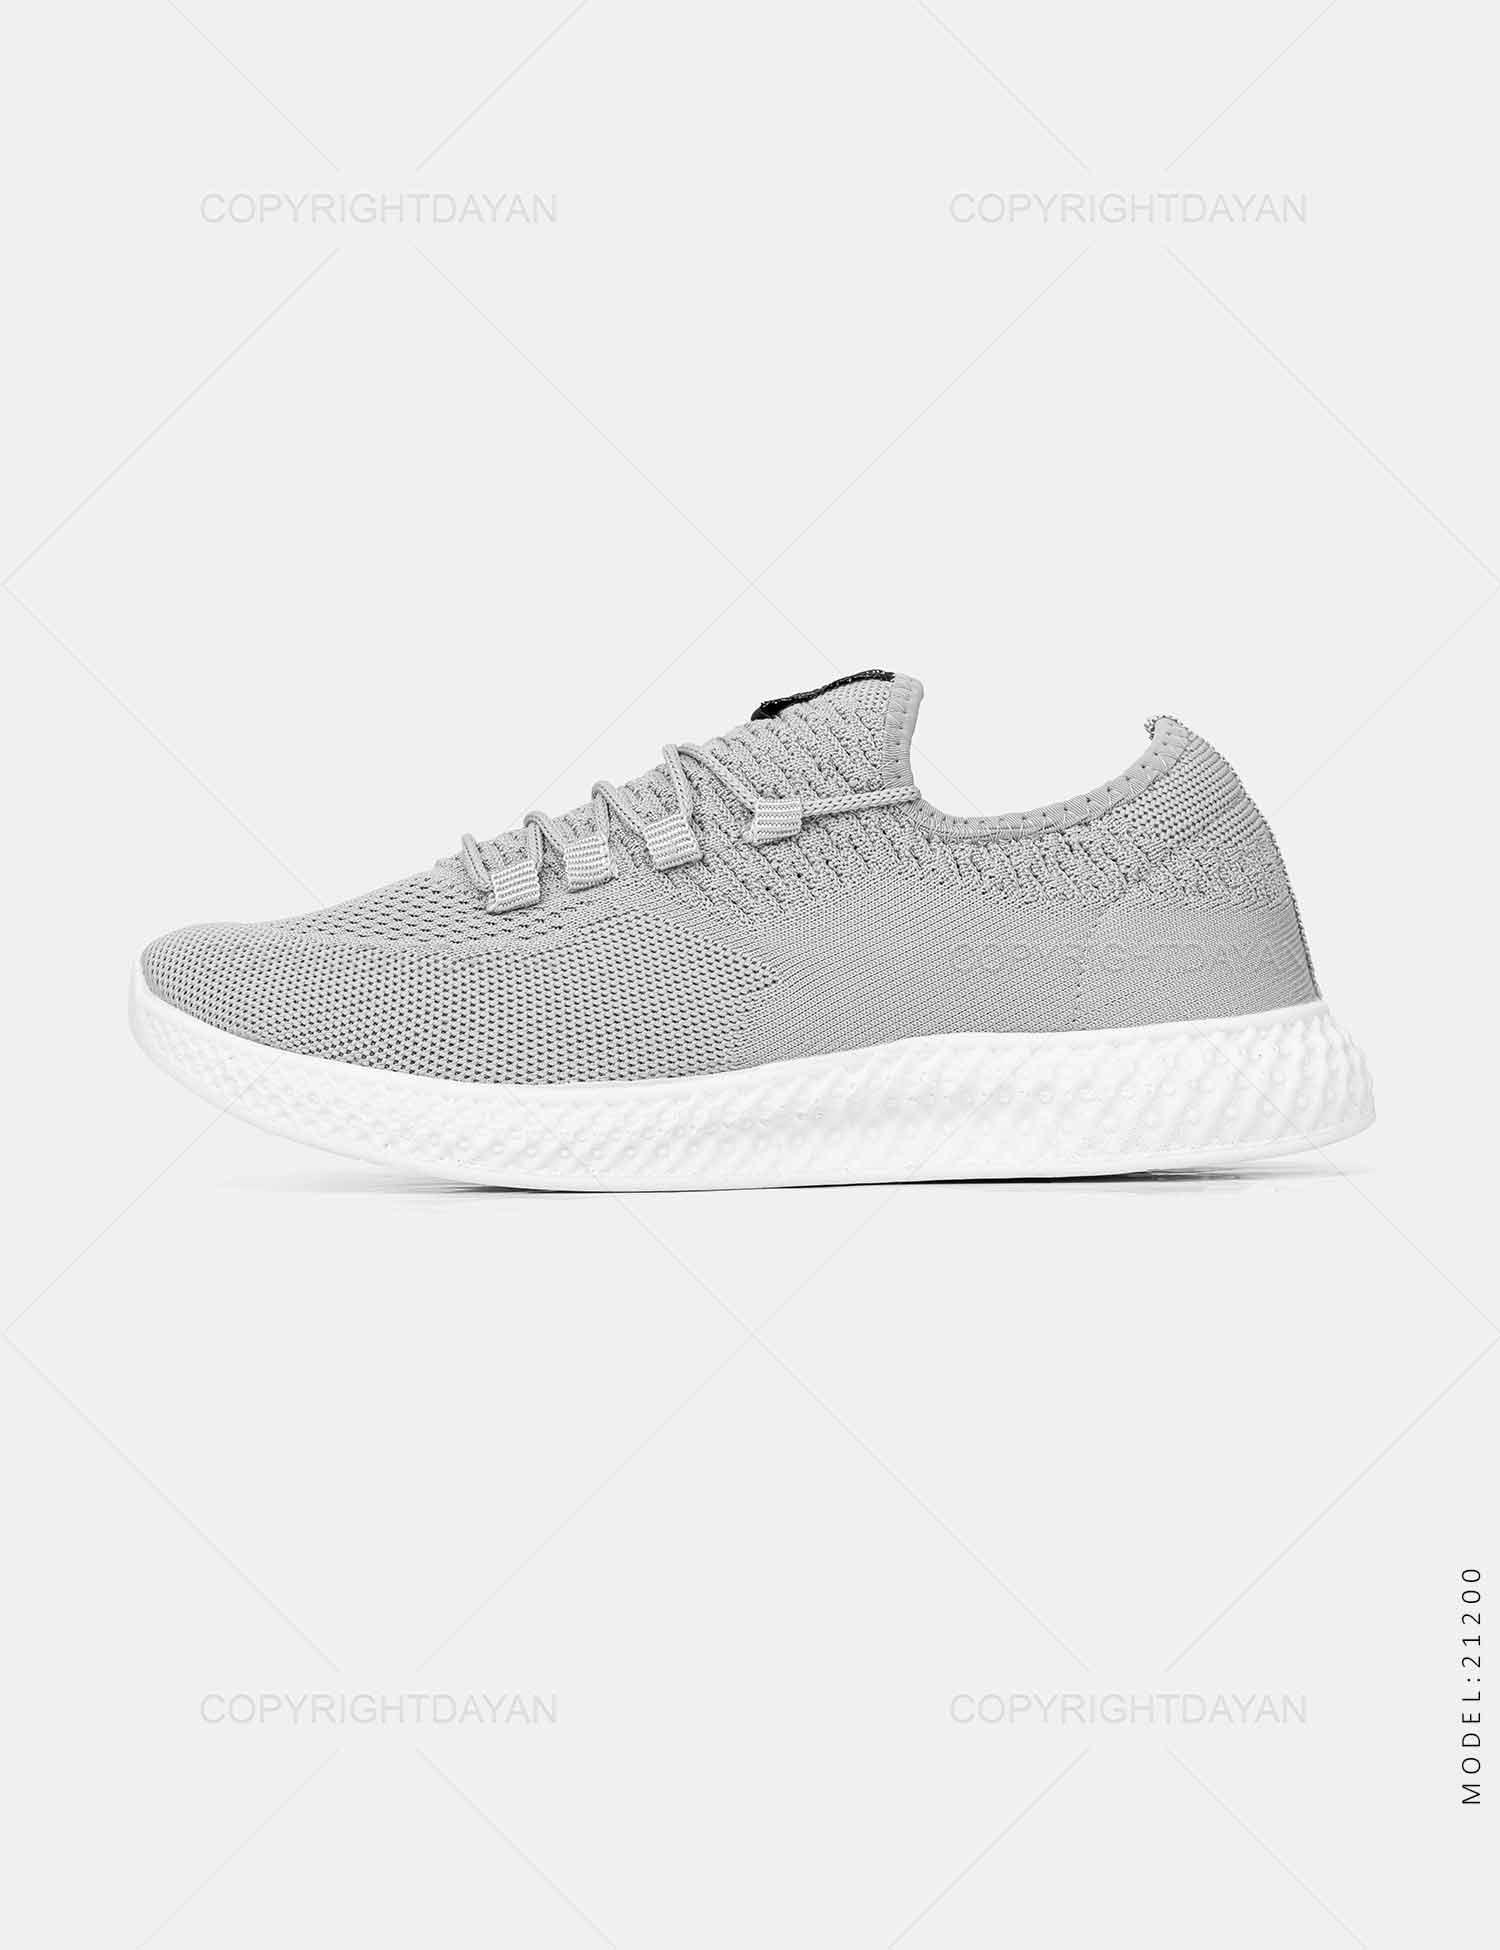 کفش ورزشی مردانه Adidas مدل 21200